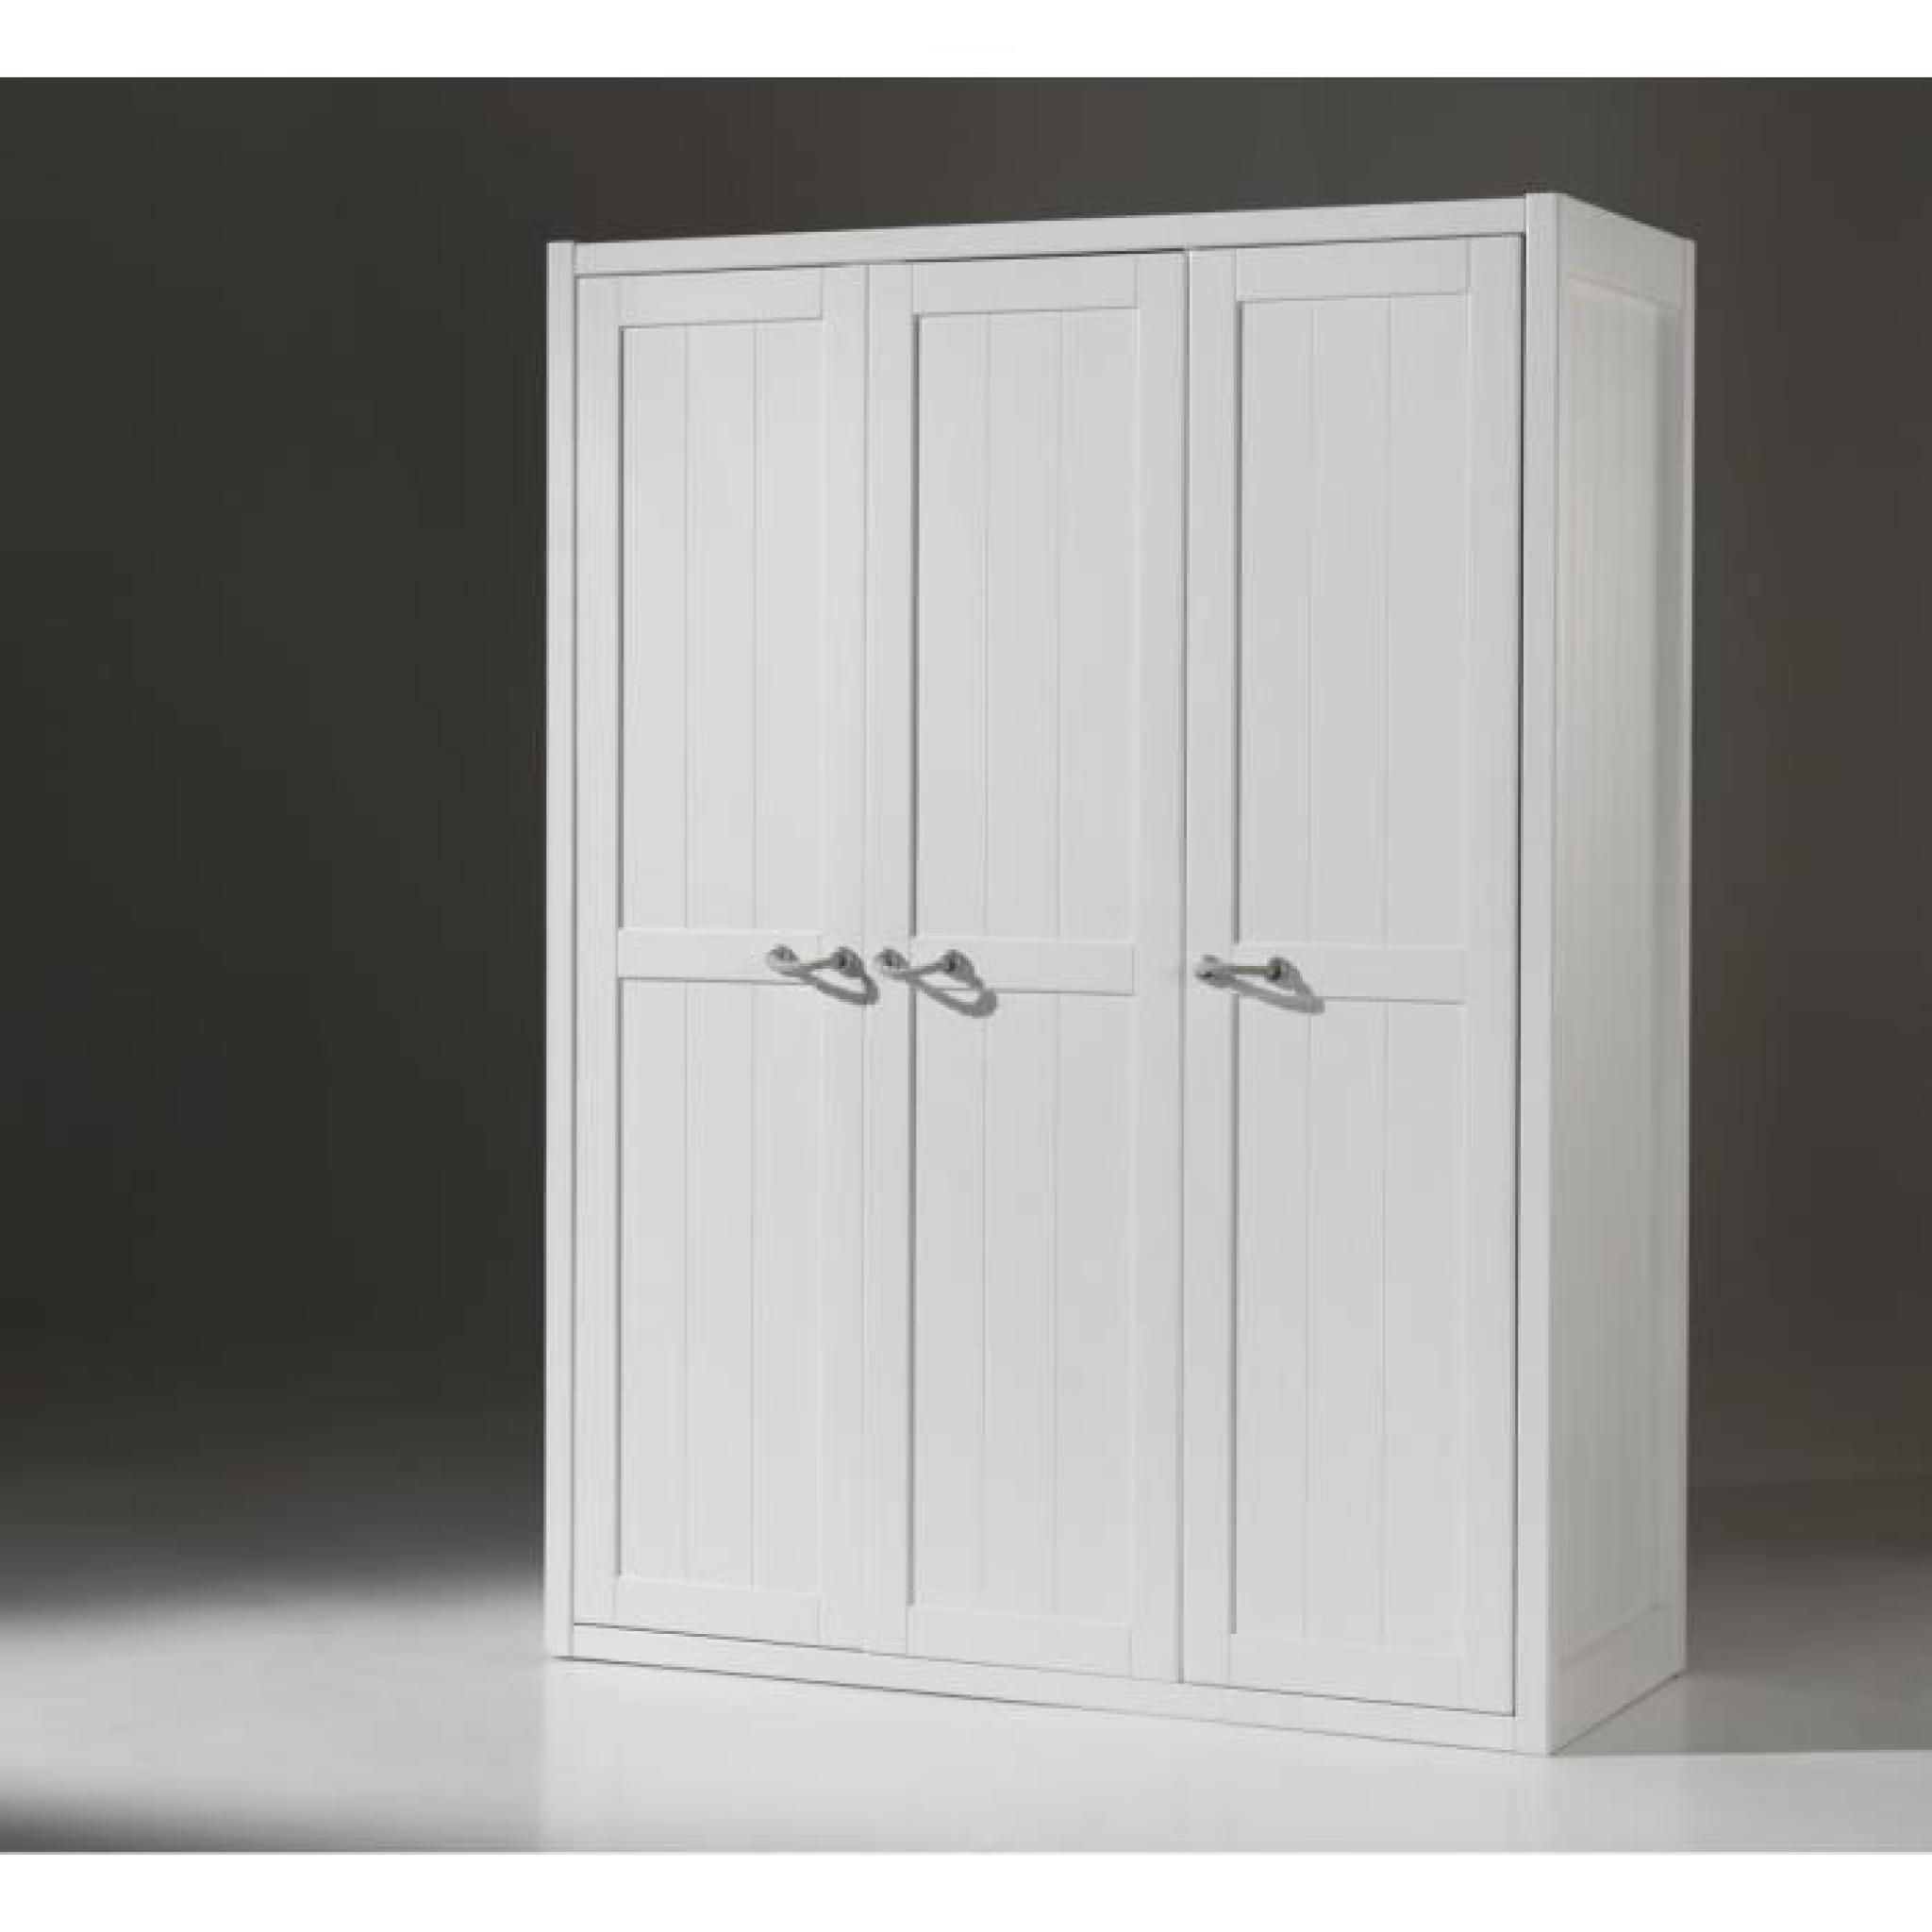 Lewis meuble de chambre 3 pi ces blanc achat vente for Achat meuble chambre